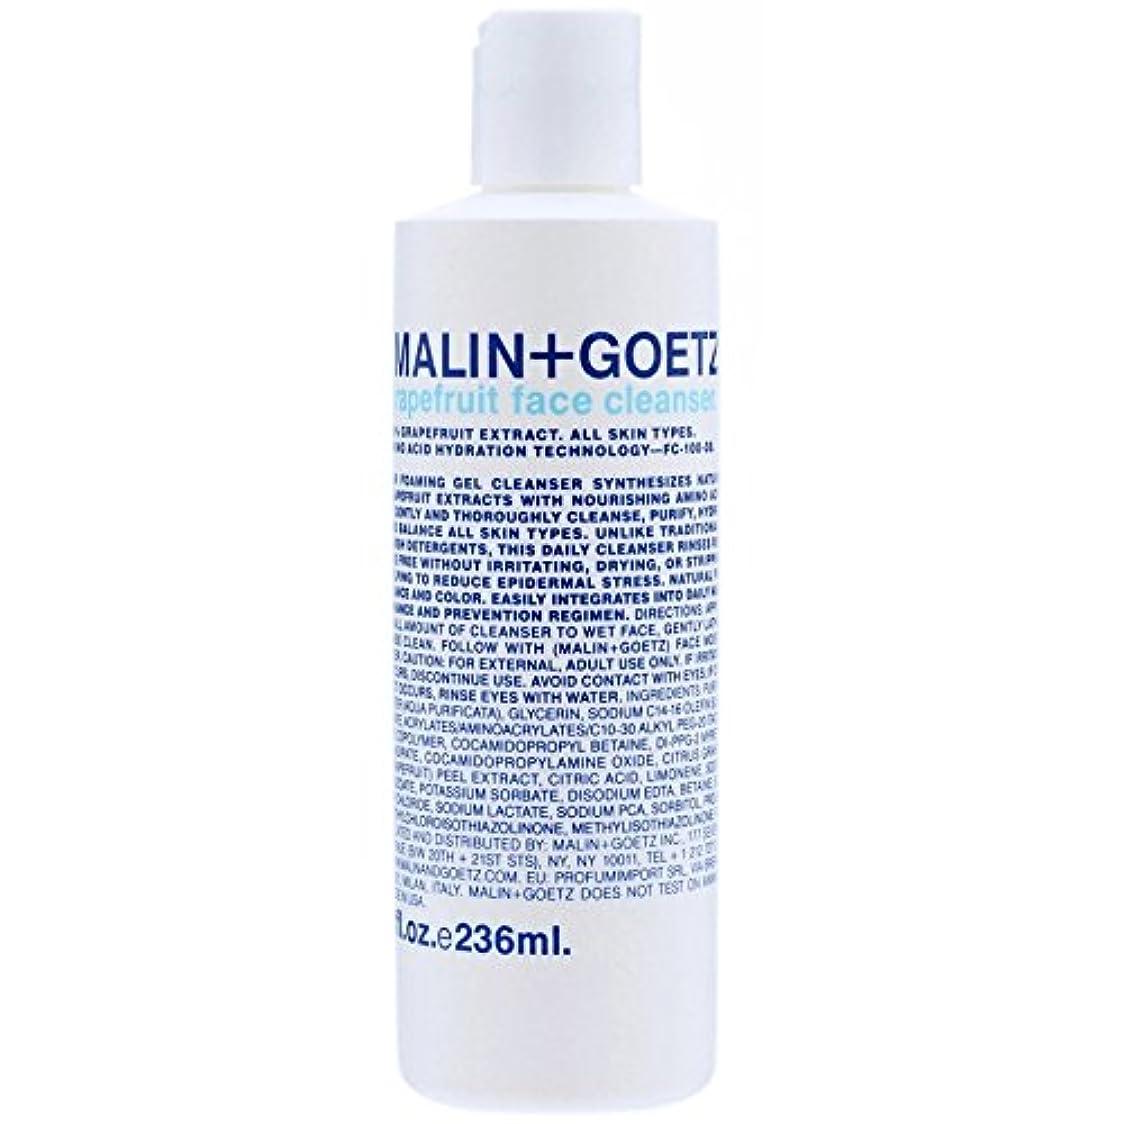 母性良さ治世マリン+ゲッツグレープフルーツフェイスクレンザー x2 - MALIN+GOETZ Grapefruit Face Cleanser (Pack of 2) [並行輸入品]